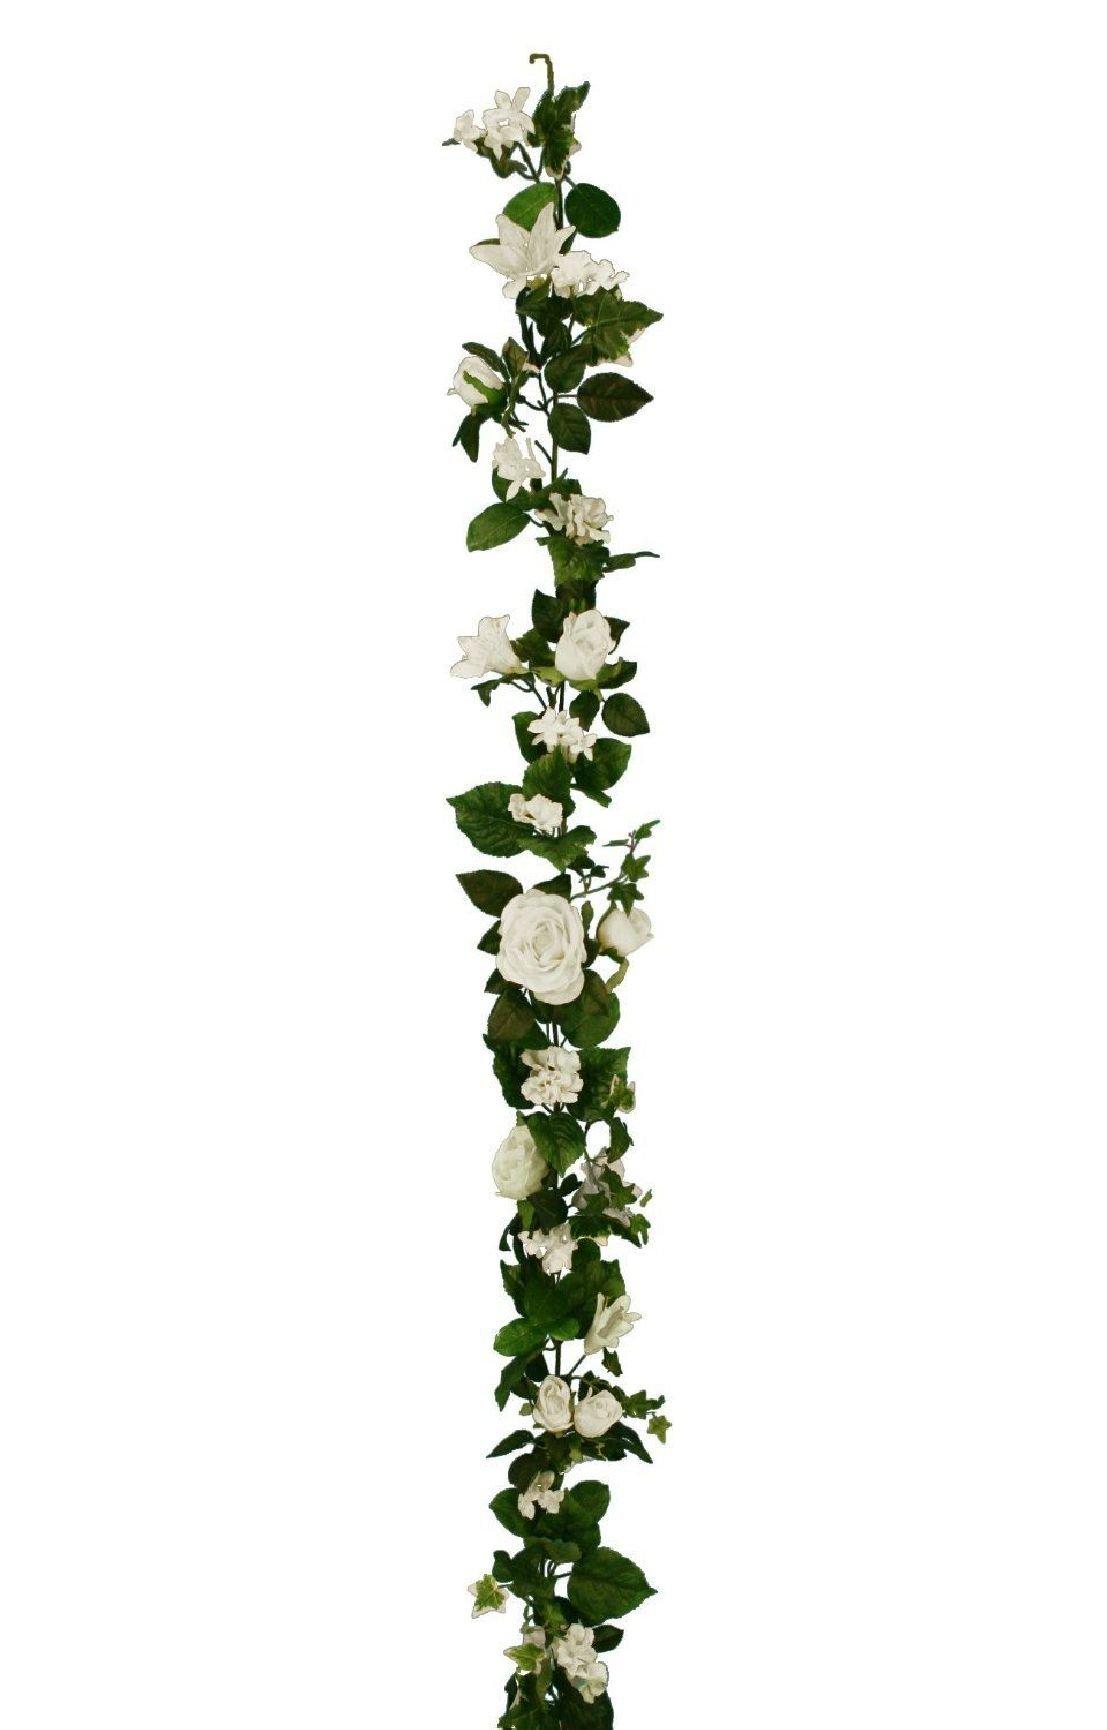 Three 6' Artificial Bridal Lily/Roe/Hydrangea Garland Cream Wedding Silk Flowers